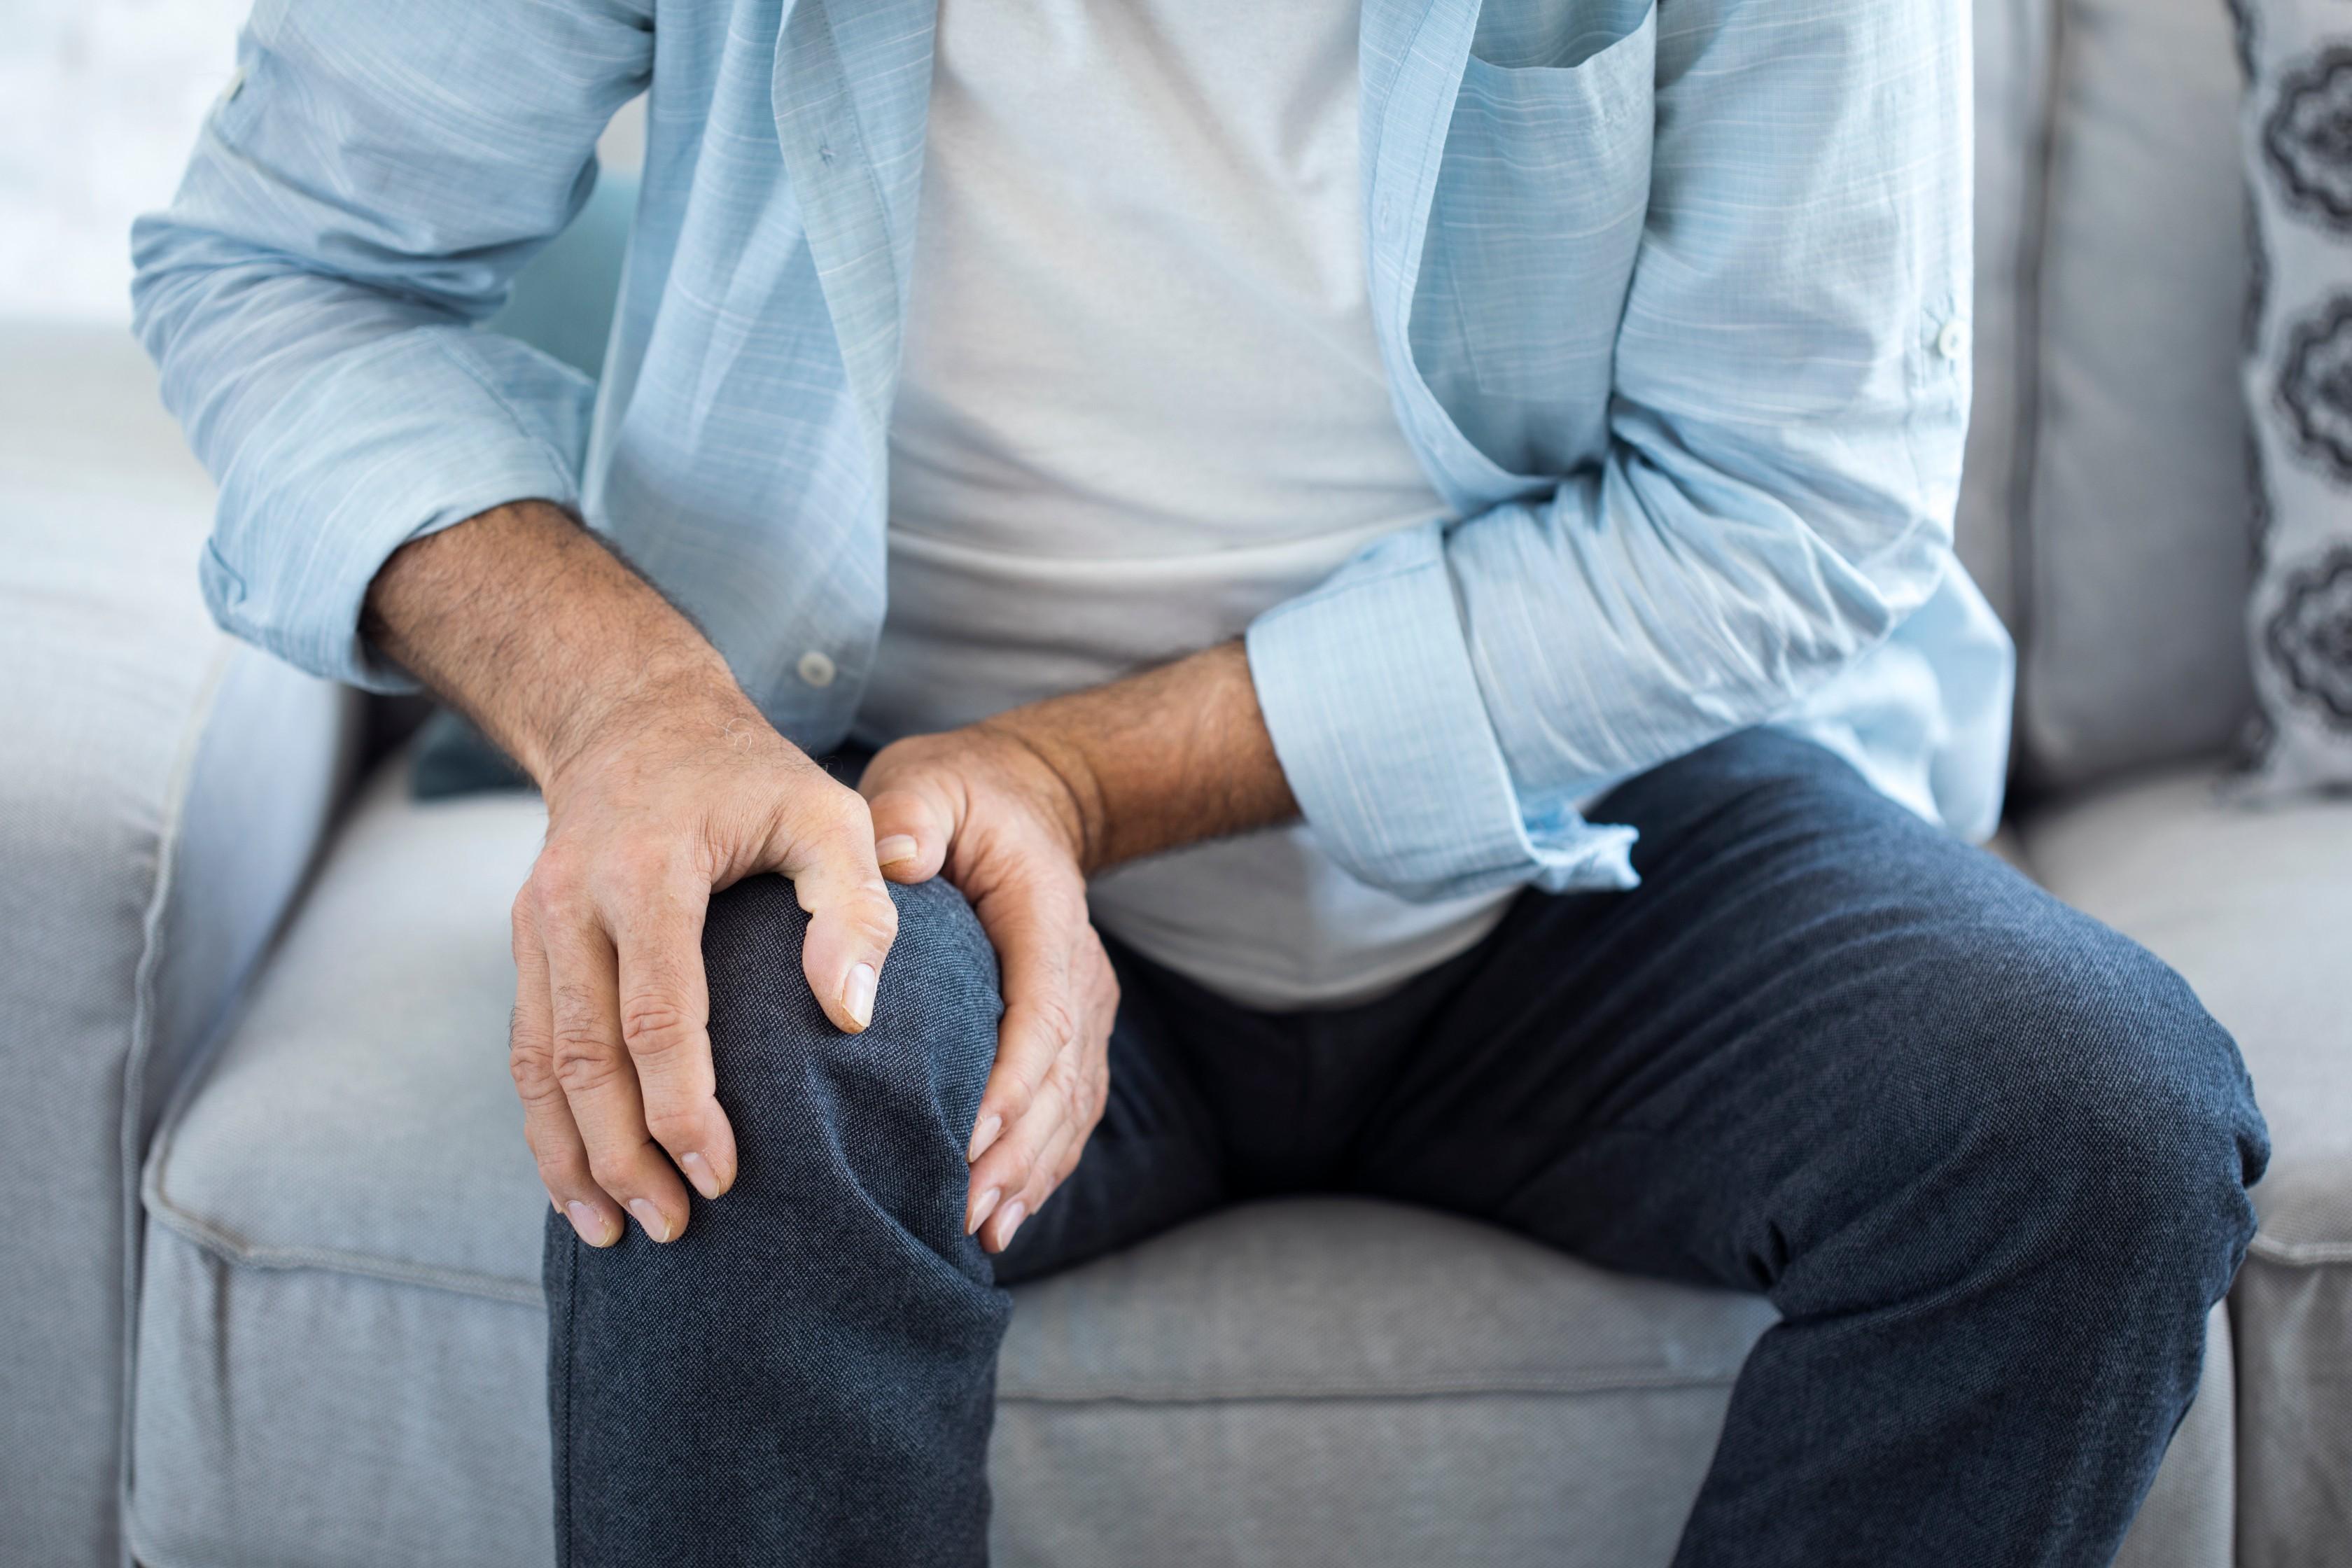 ízületek kezelése a koránból ízületi gyulladás gyógyszer térd áttekintés